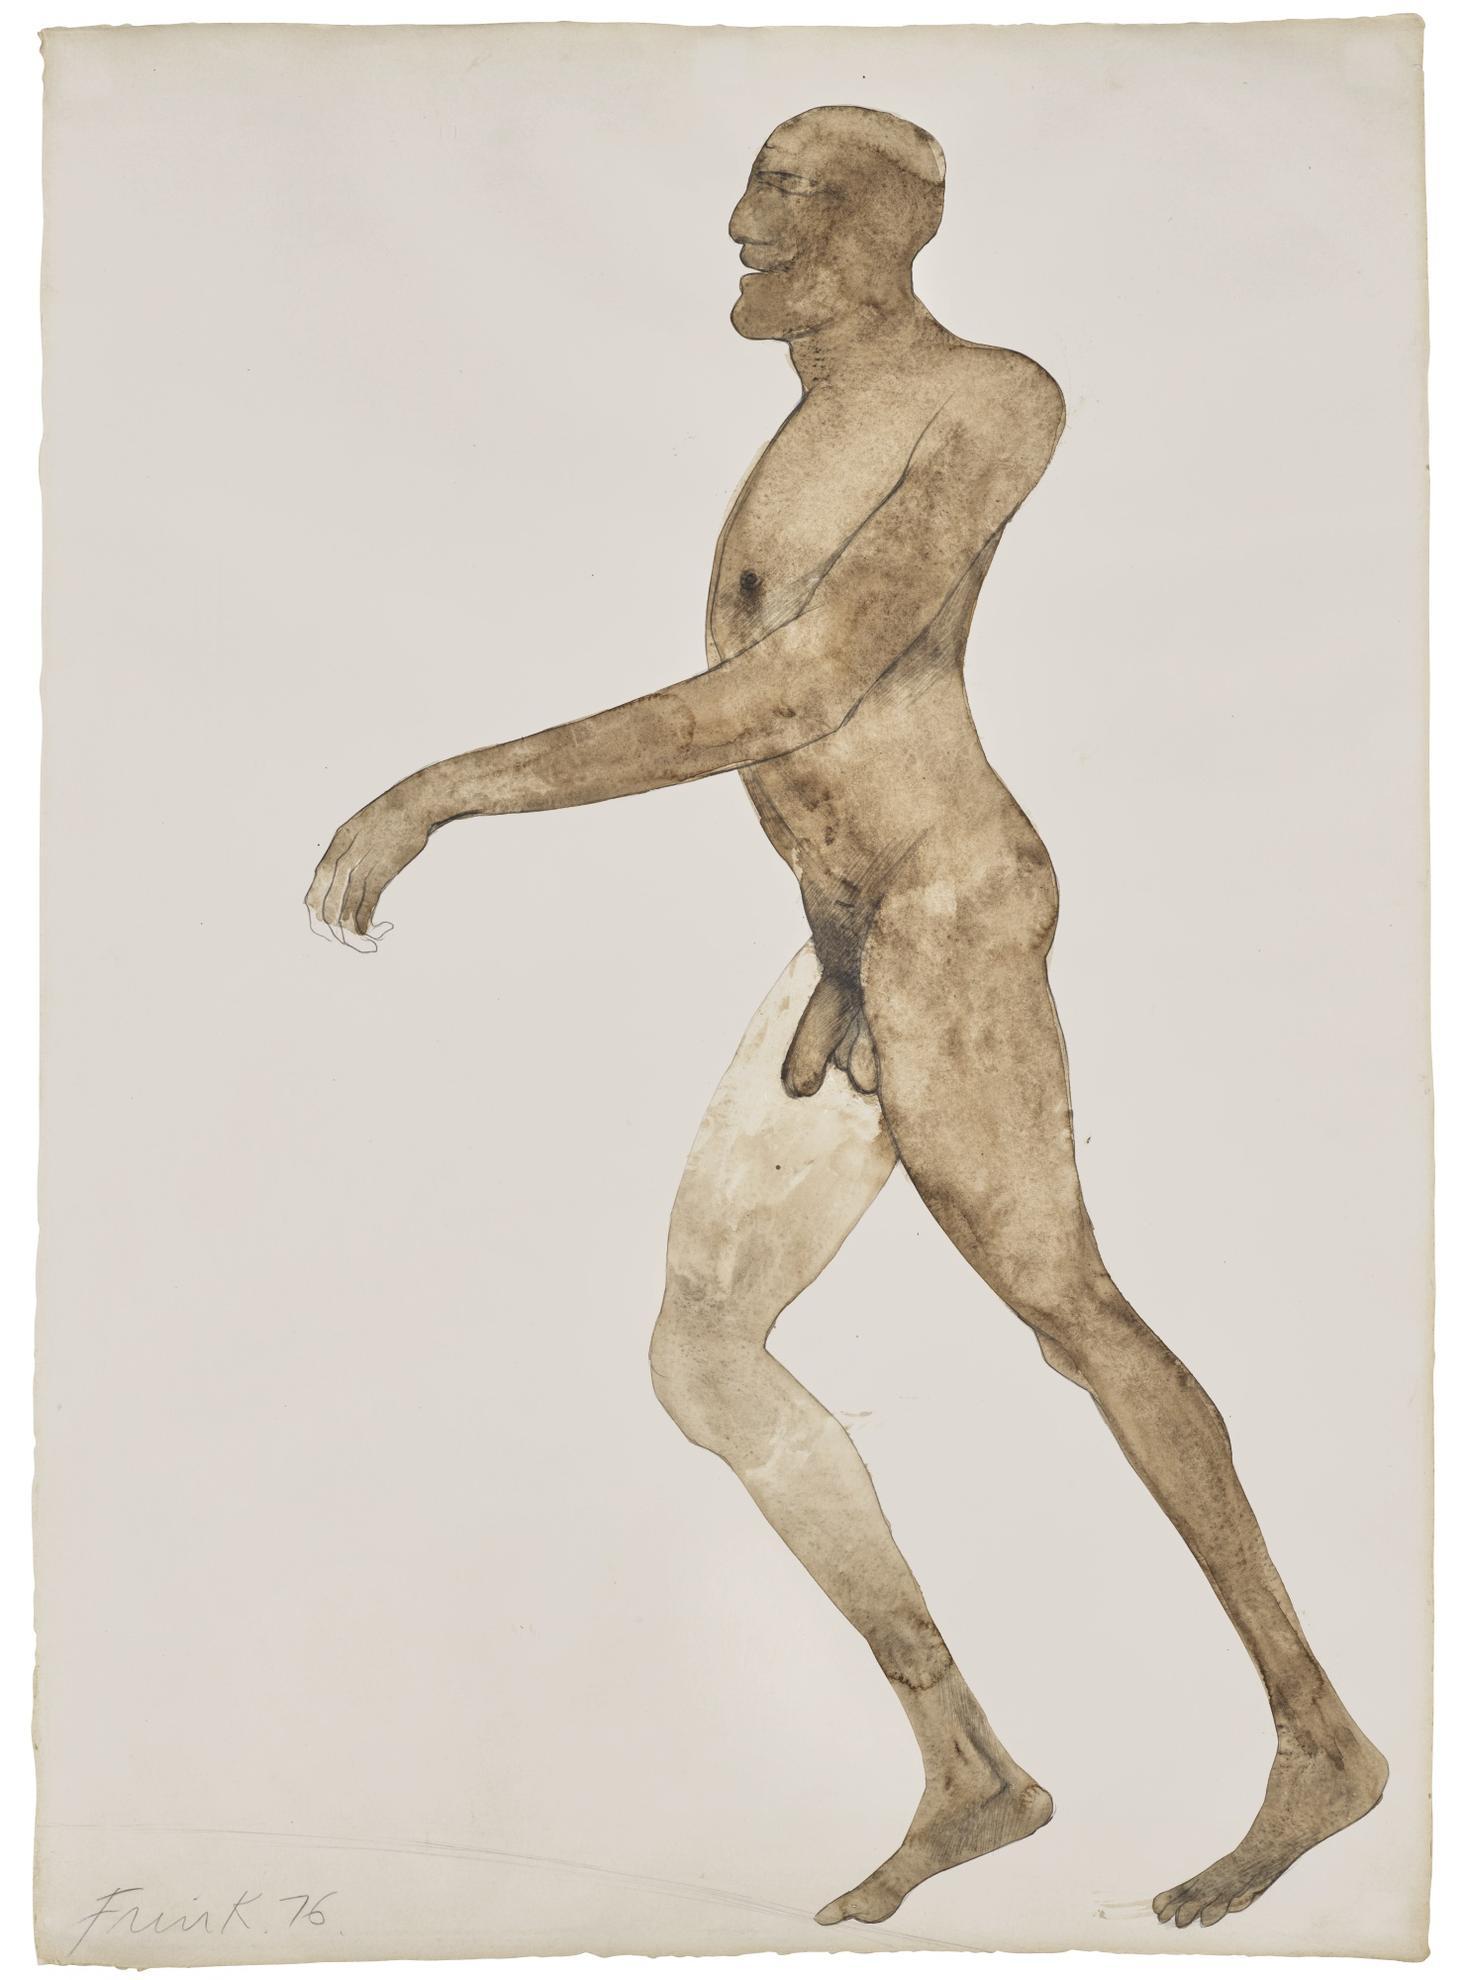 Dame Elisabeth Frink - Running Man-1976